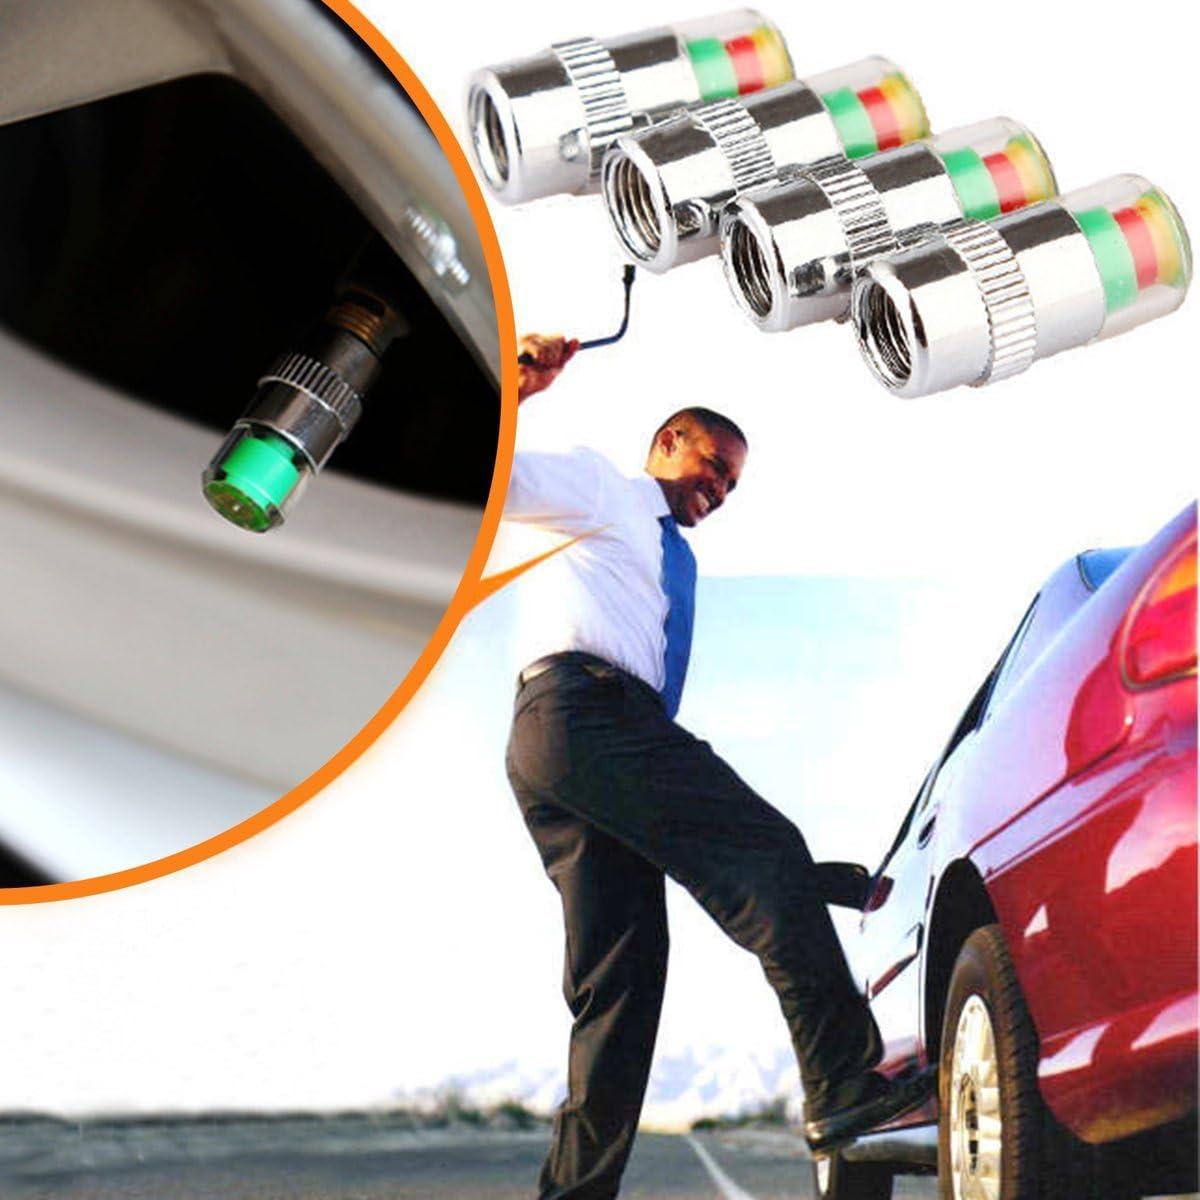 Cosye 4 unids//Set Tapas de v/ástago de v/álvula de Monitor de presi/ón de neum/áticos de Coche Alerta de Aire Tapa de v/álvula de neum/ático Sensor de presi/ón Monitor indicador de Tapa de luz